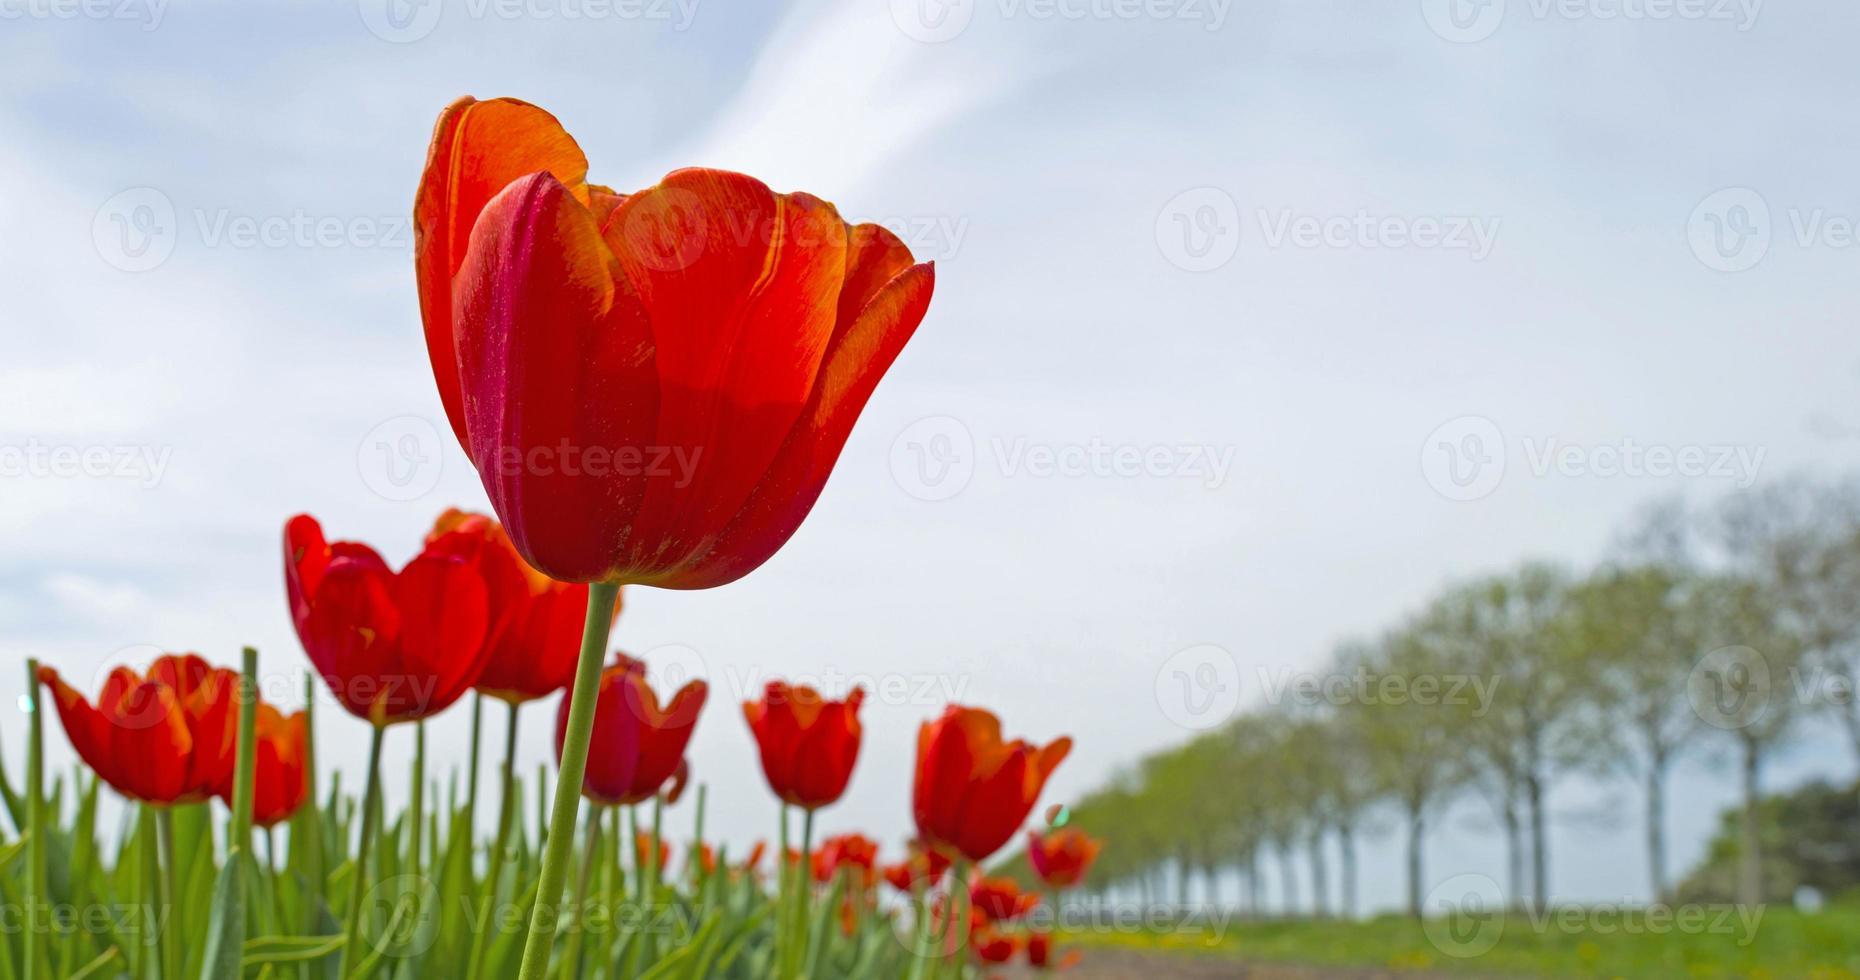 Tulpen in einem sonnigen Feld im Frühjahr foto